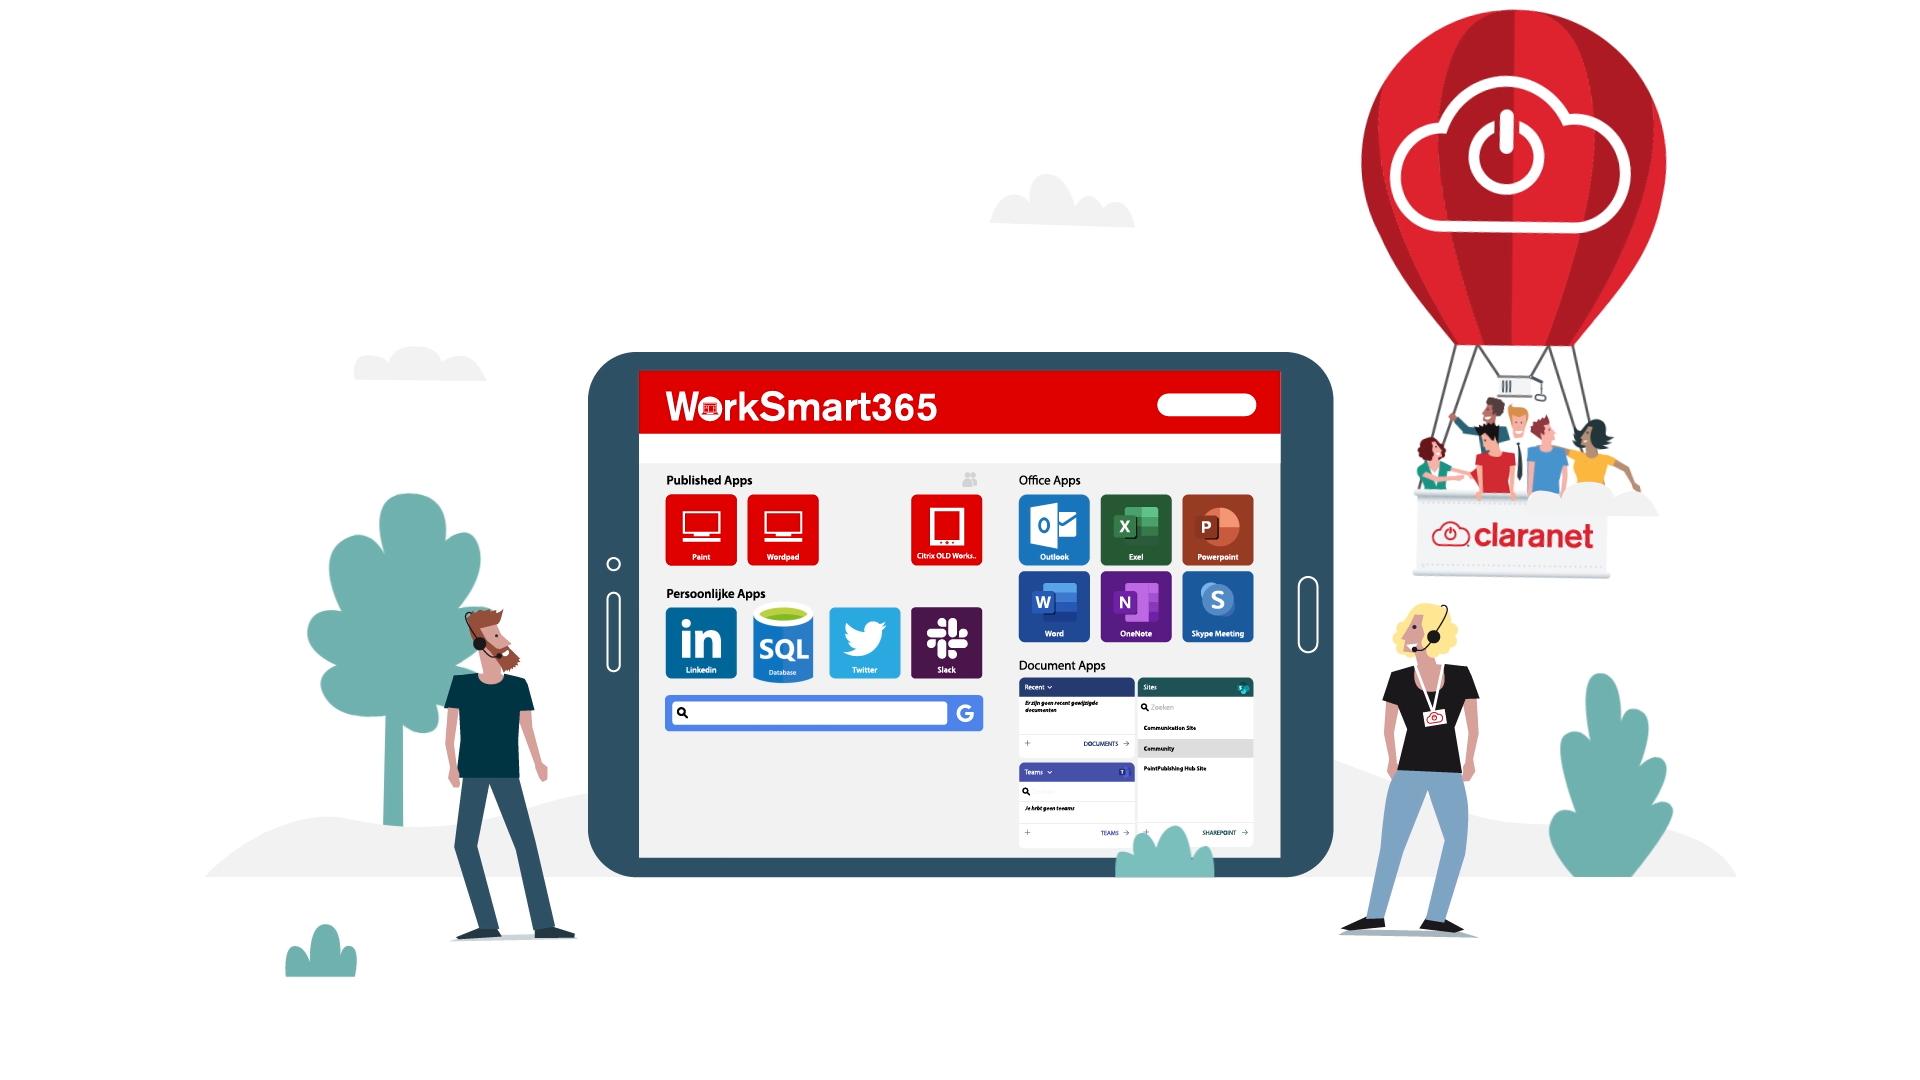 Claranet WorkSmart365